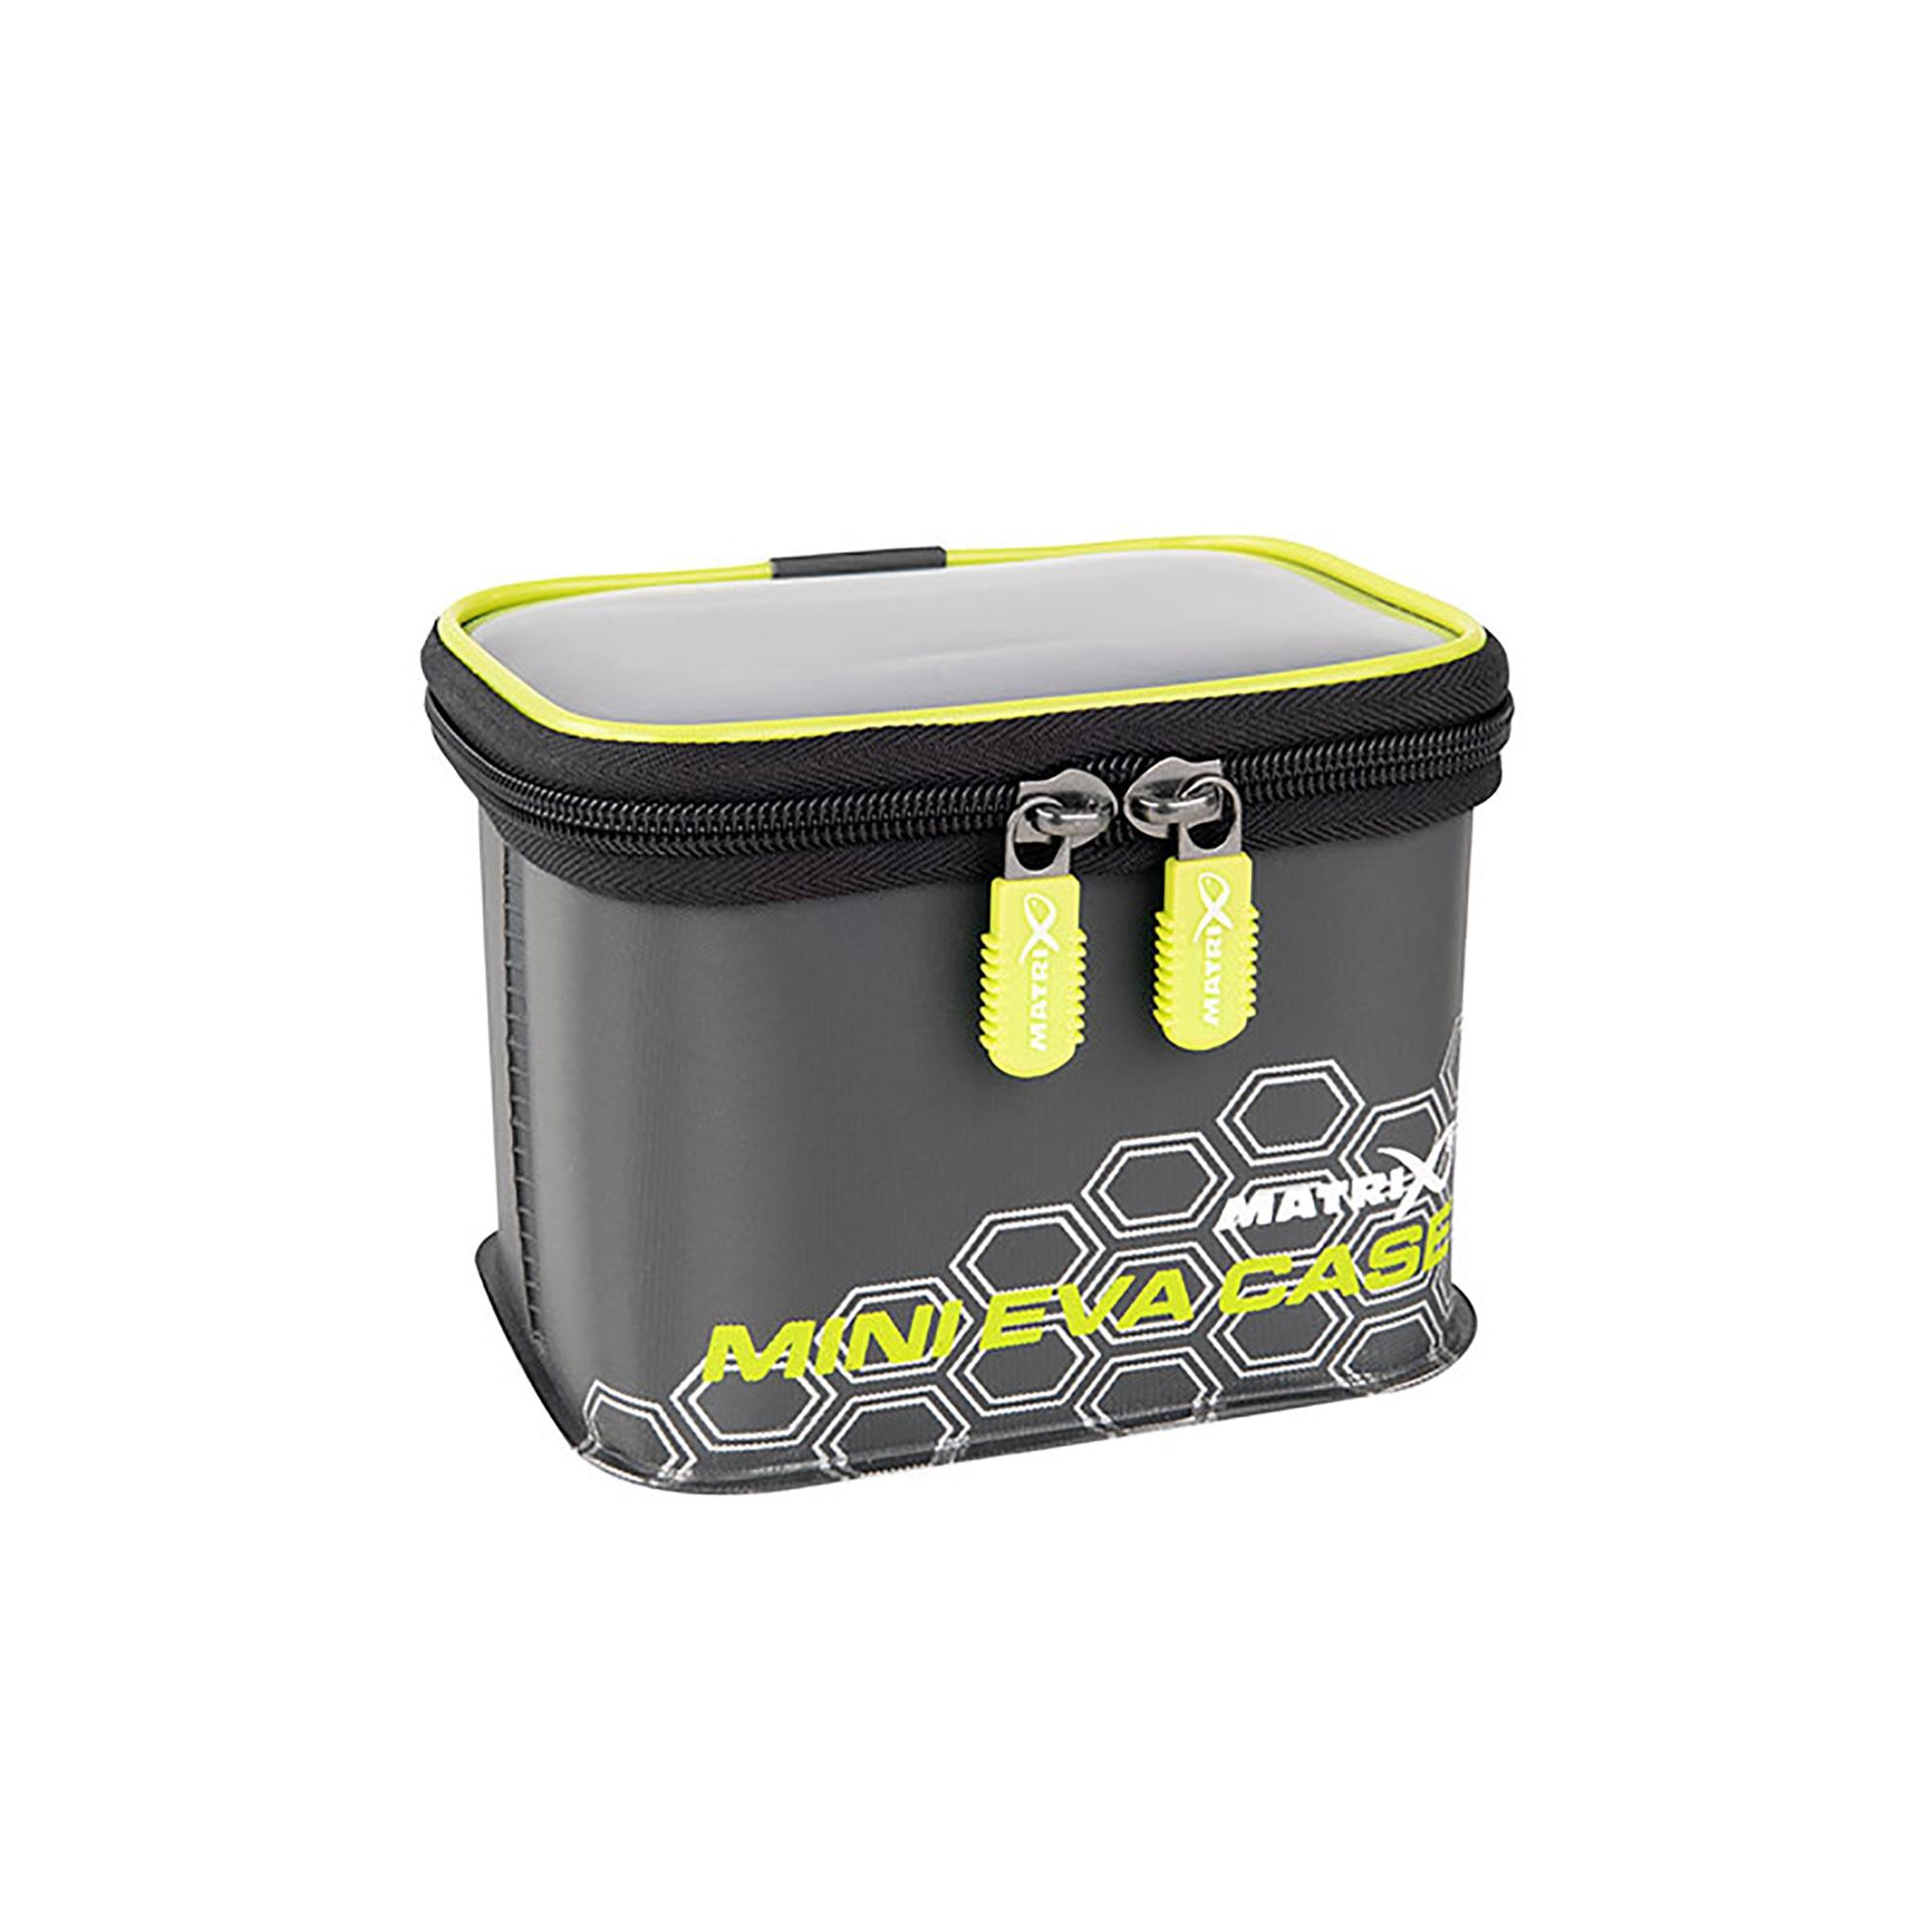 Astuccio EVA Mini Case - MATRIX (15,5x12x11 cm)